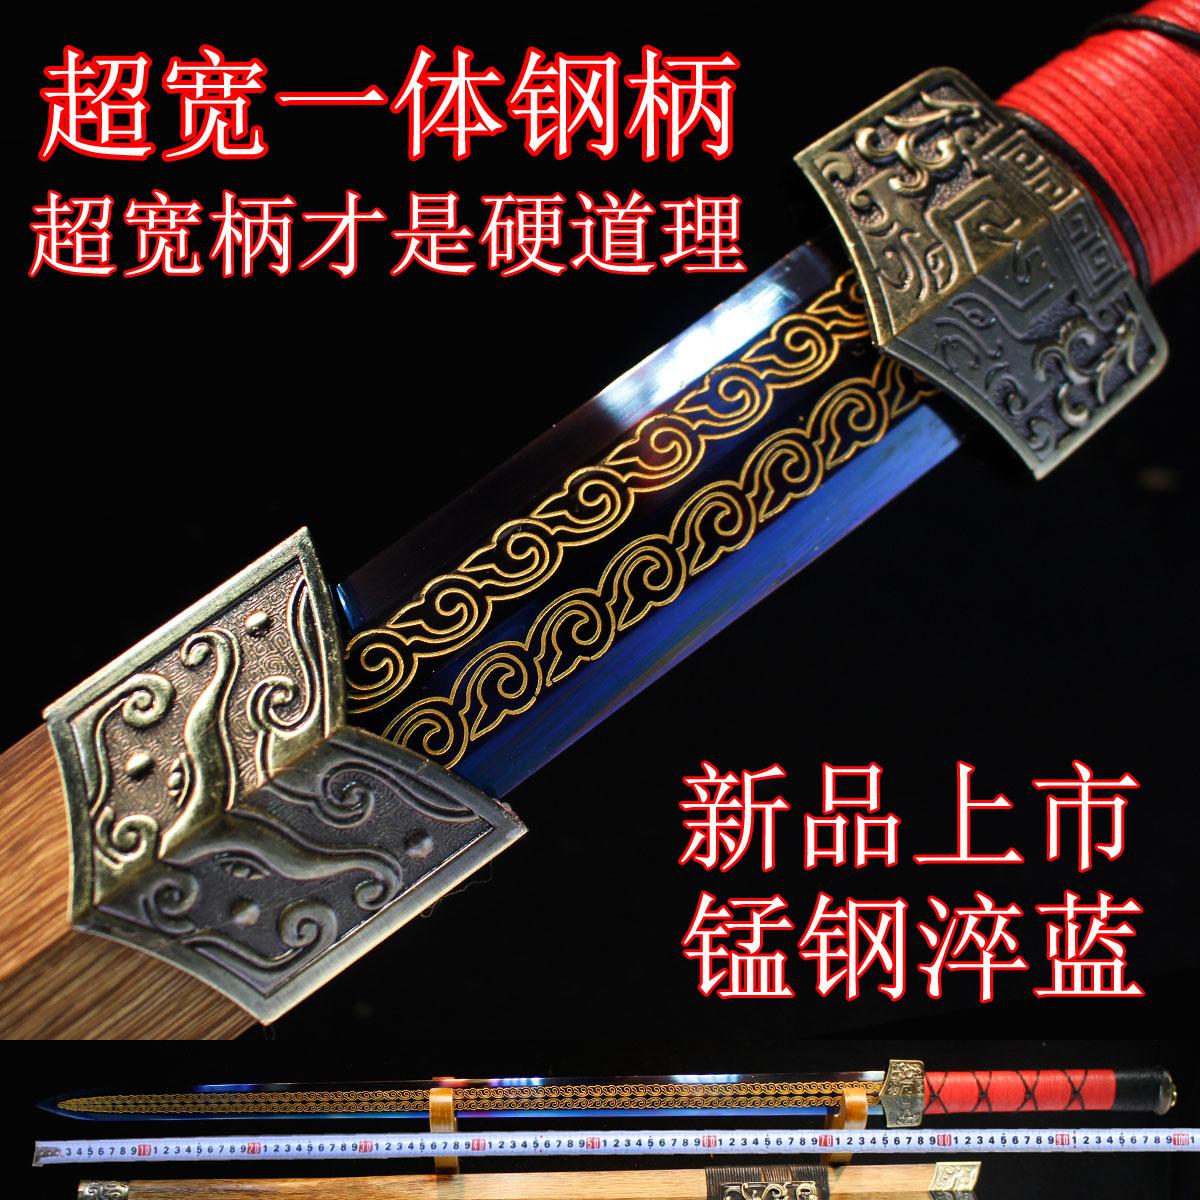 宝剑锰钢汉剑一体钢硬剑长剑秦剑 镇宅辟刀剑未开刃包邮